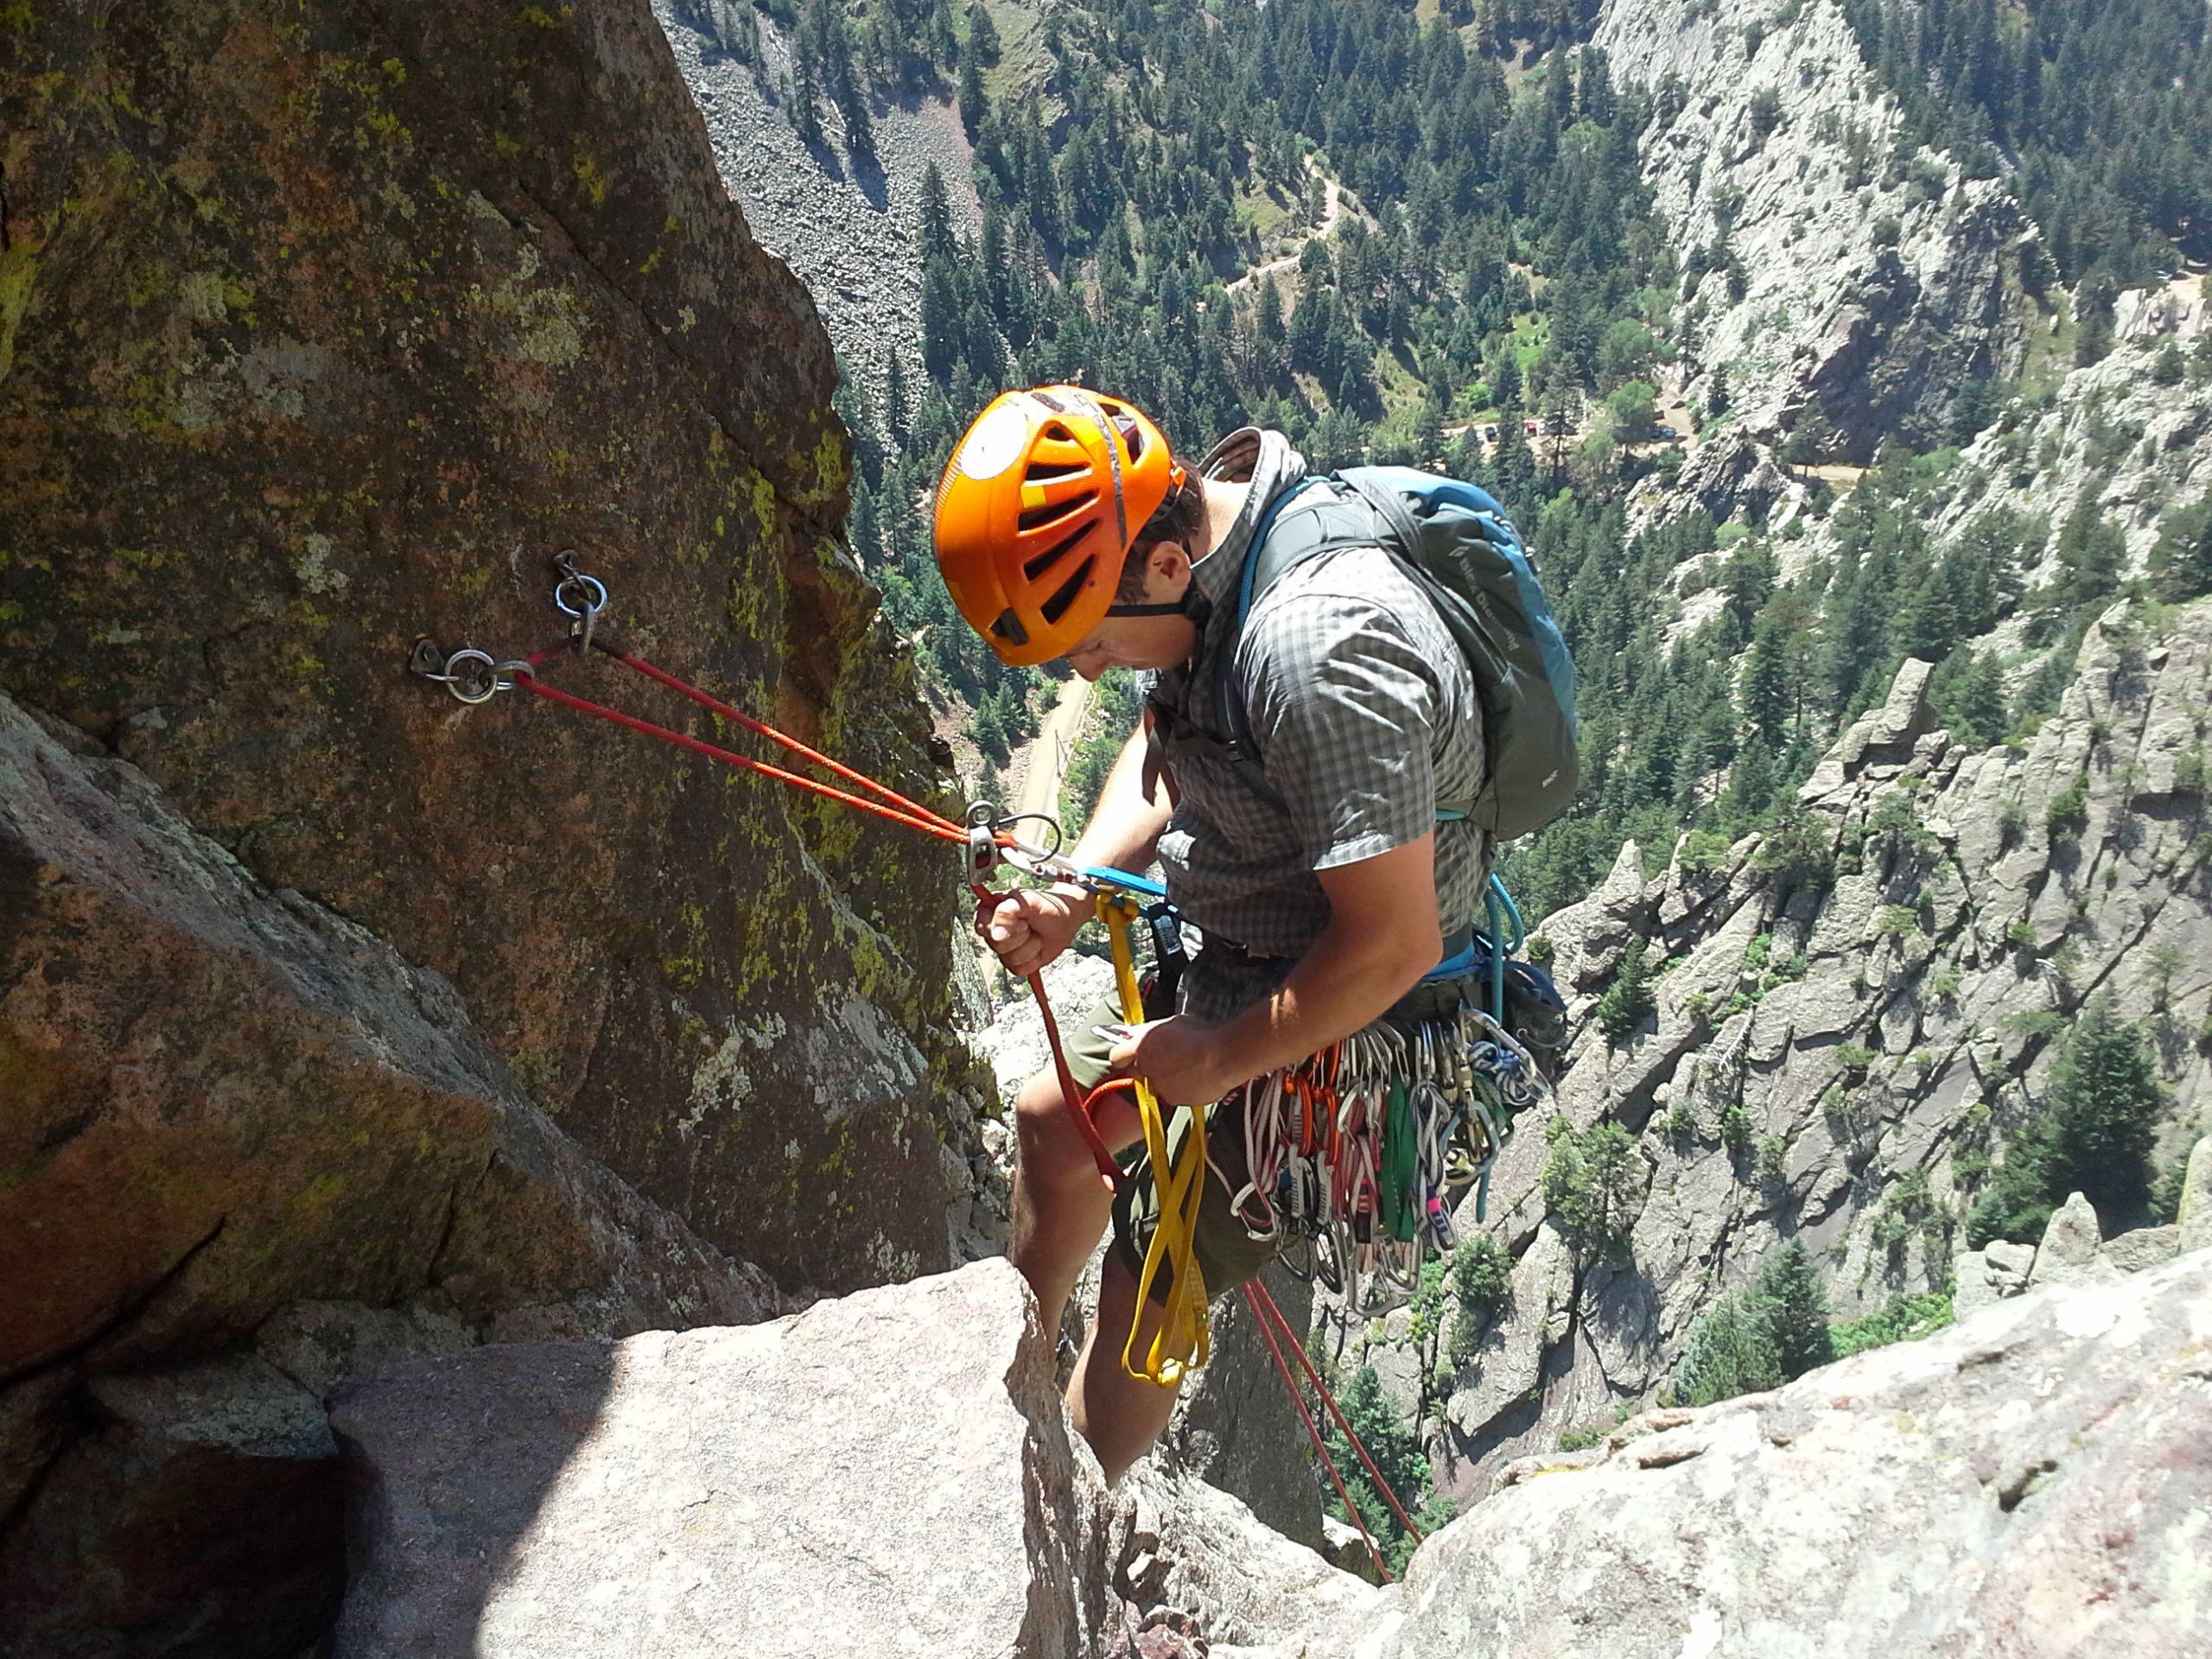 Trip Report: Swanon's Arete Eldorado Canyon // lynnepetre.com